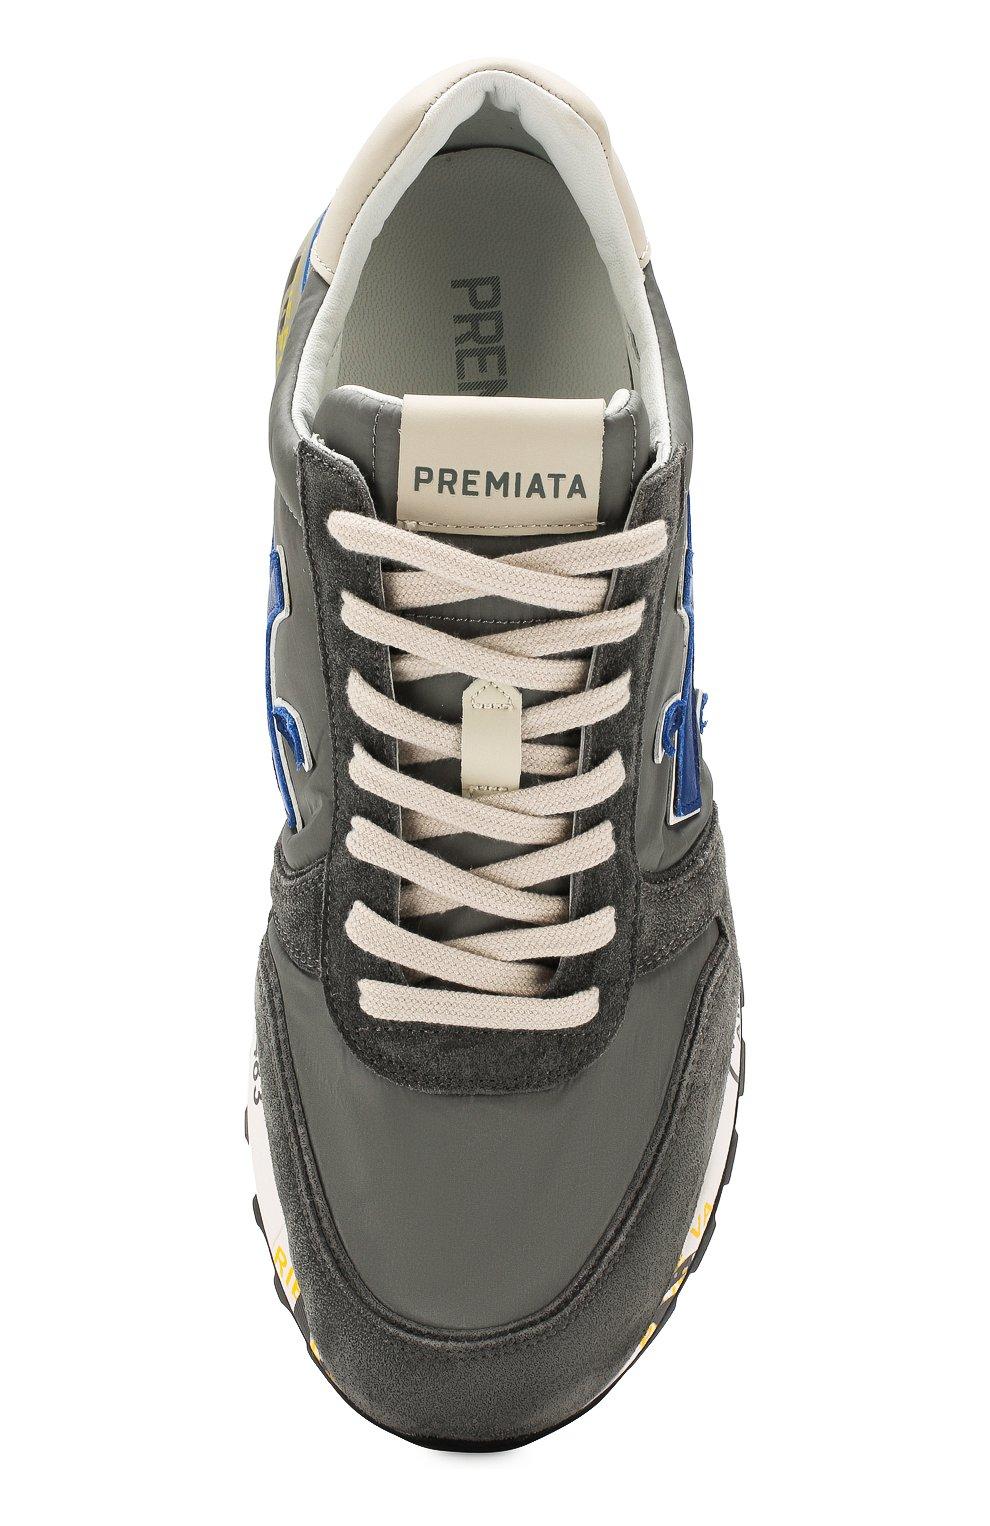 Мужские комбинированные кроссовки mick PREMIATA серого цвета, арт. MICK/VAR4563 | Фото 5